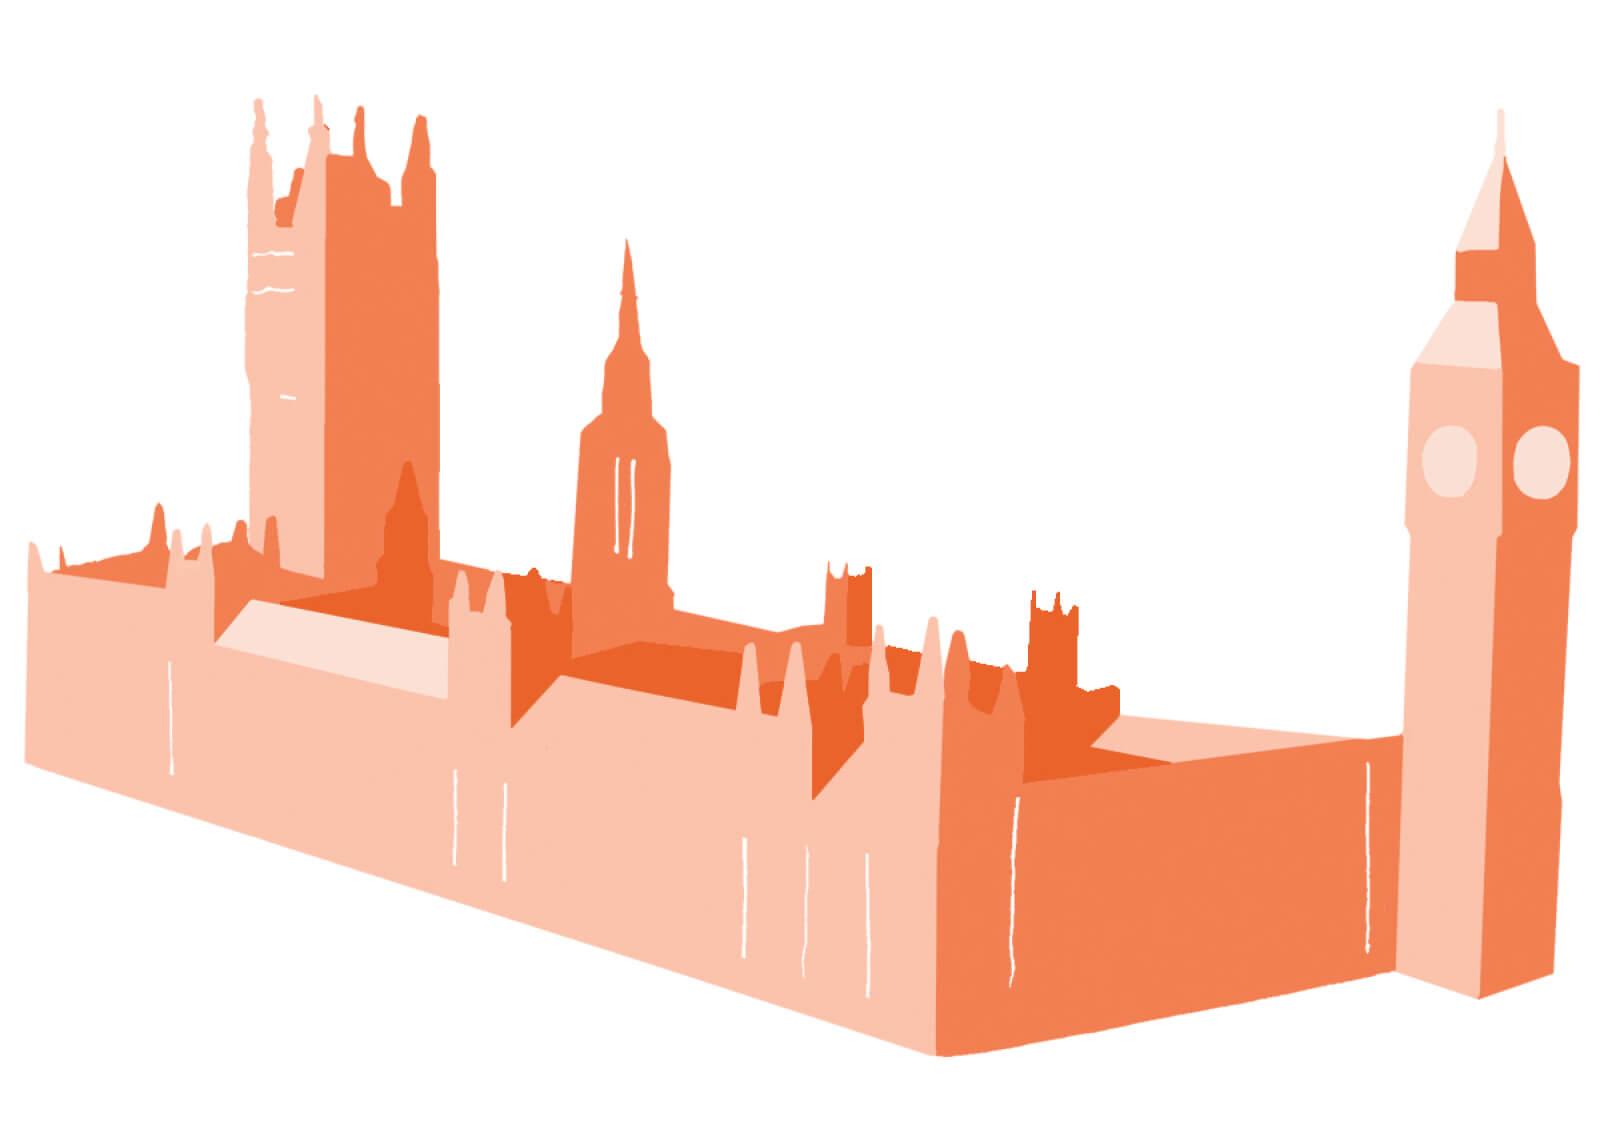 elitist britain illustration parliament.